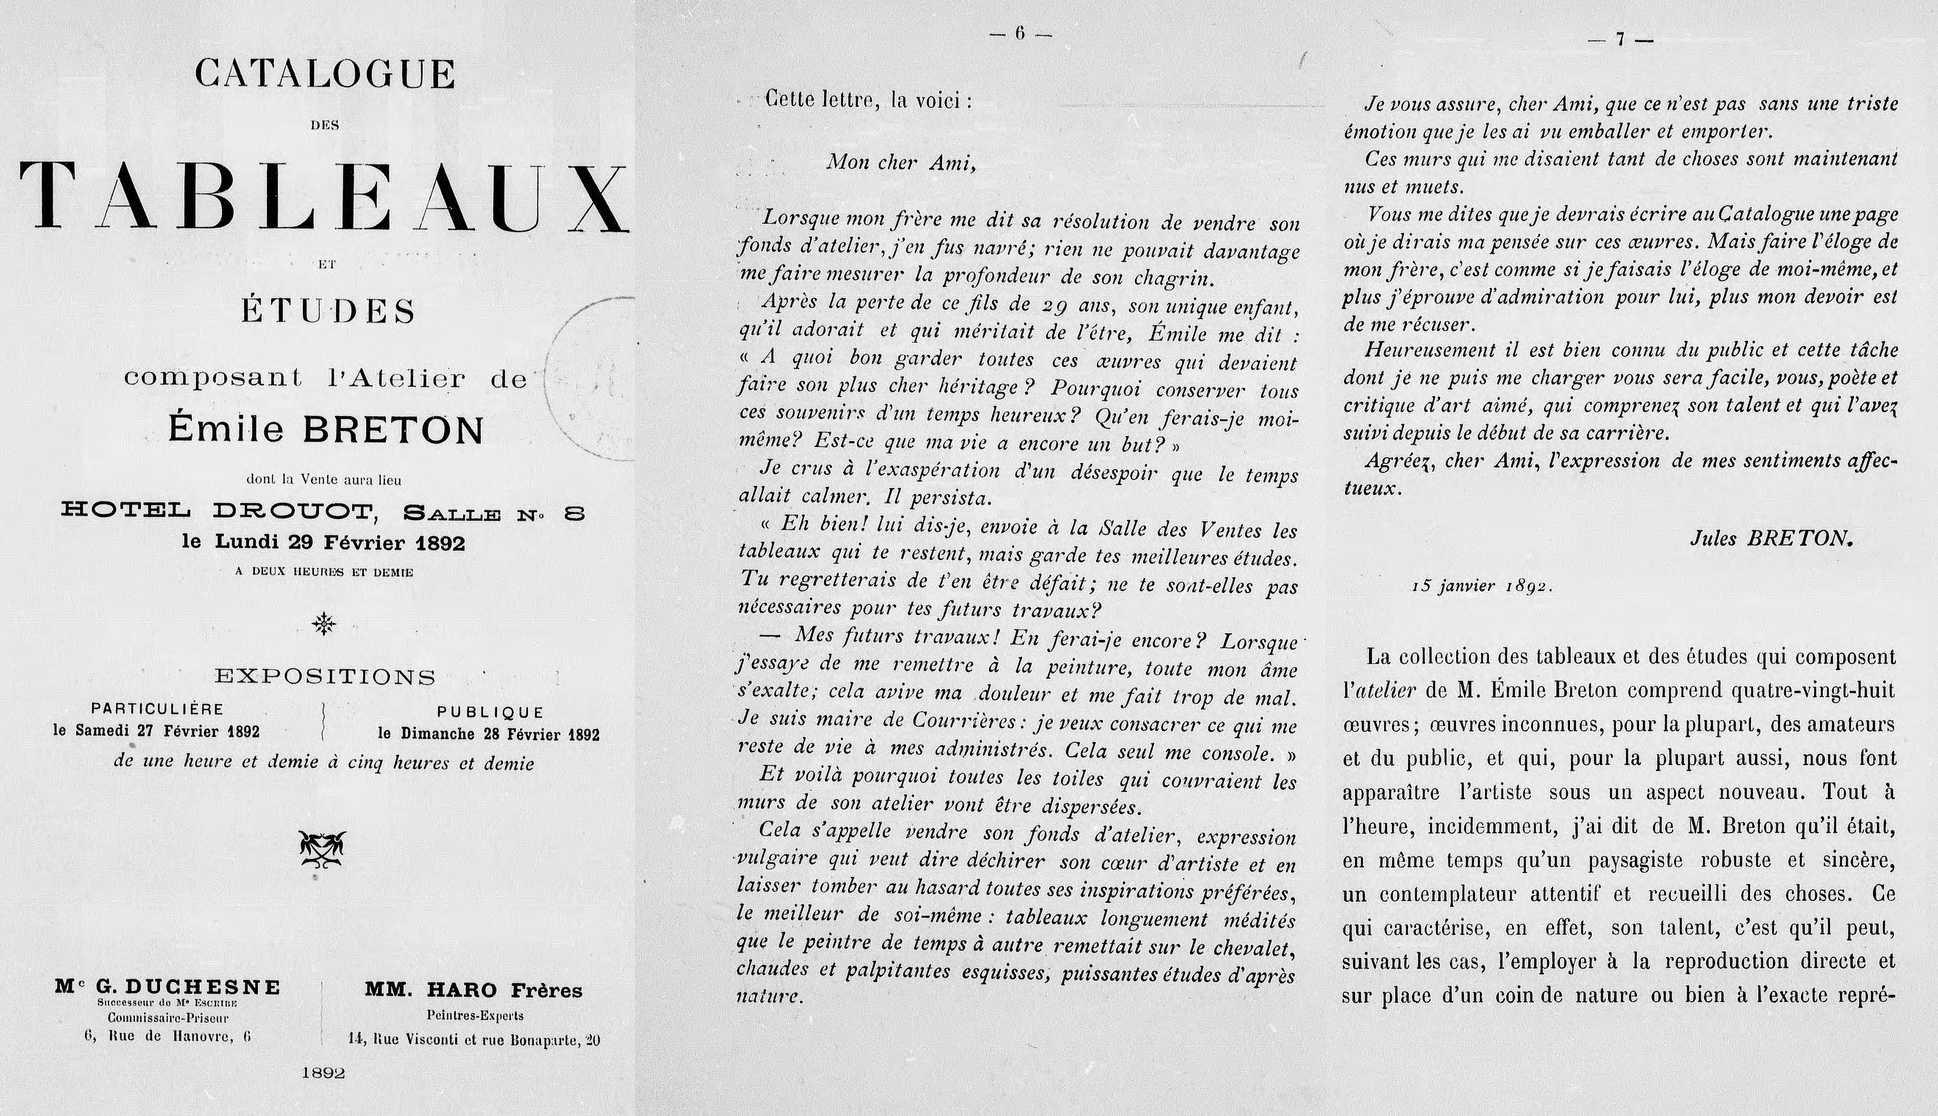 Lettre de Jules Breton à G. Goetschy dans le catalogue de la vente de fond d'atelier d'Emile Breton, 1892. BnF